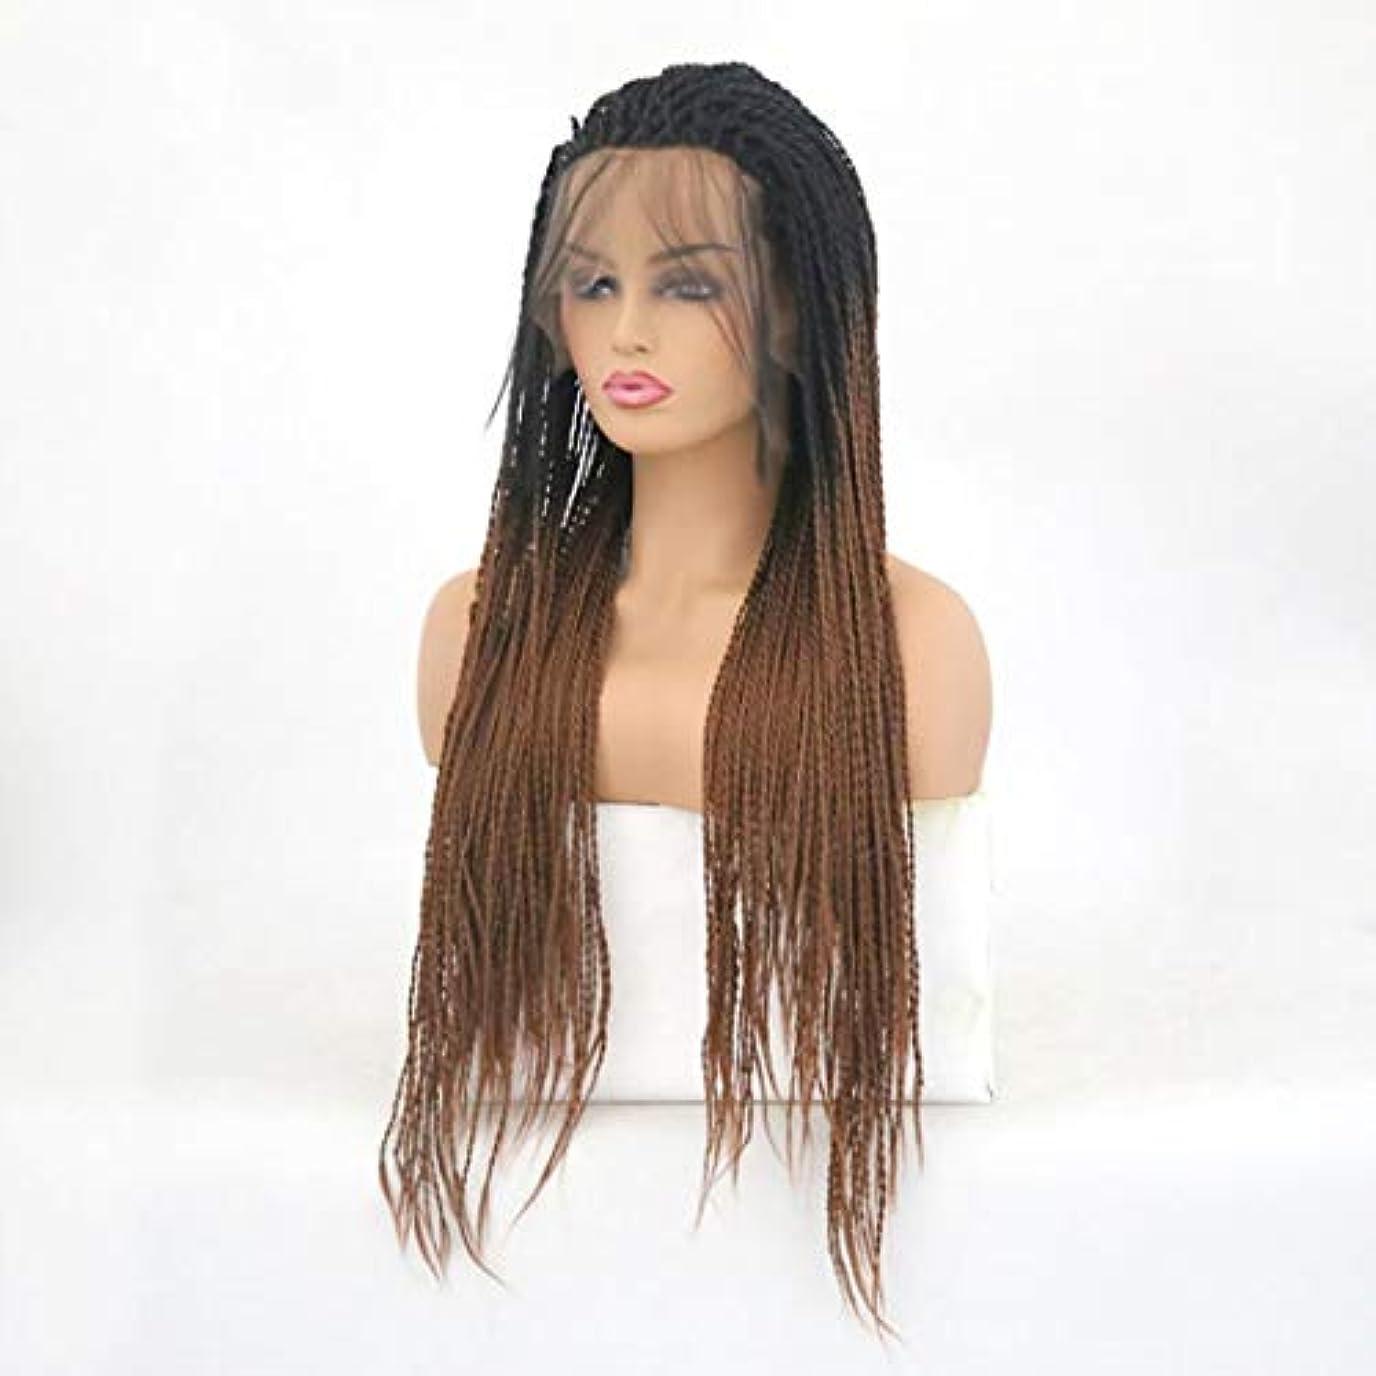 ペチュランス感謝している方法論Kerwinner ツイストブレイドかぎ針編みブレイドヘアエクステンション事前ループ女性用高温繊維